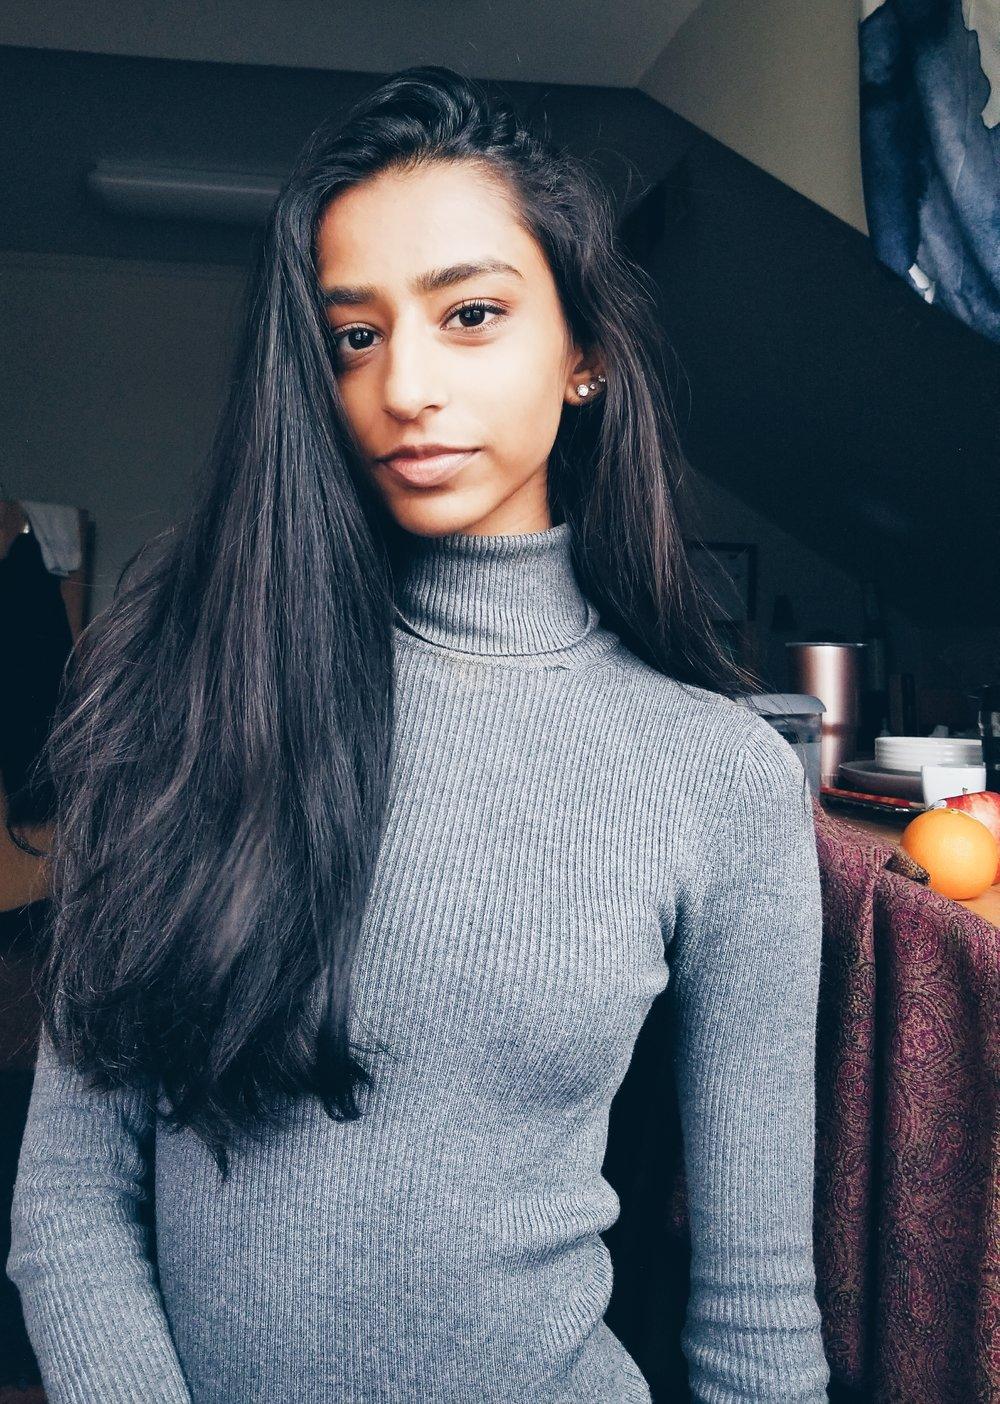 Amrita Sridhar '21